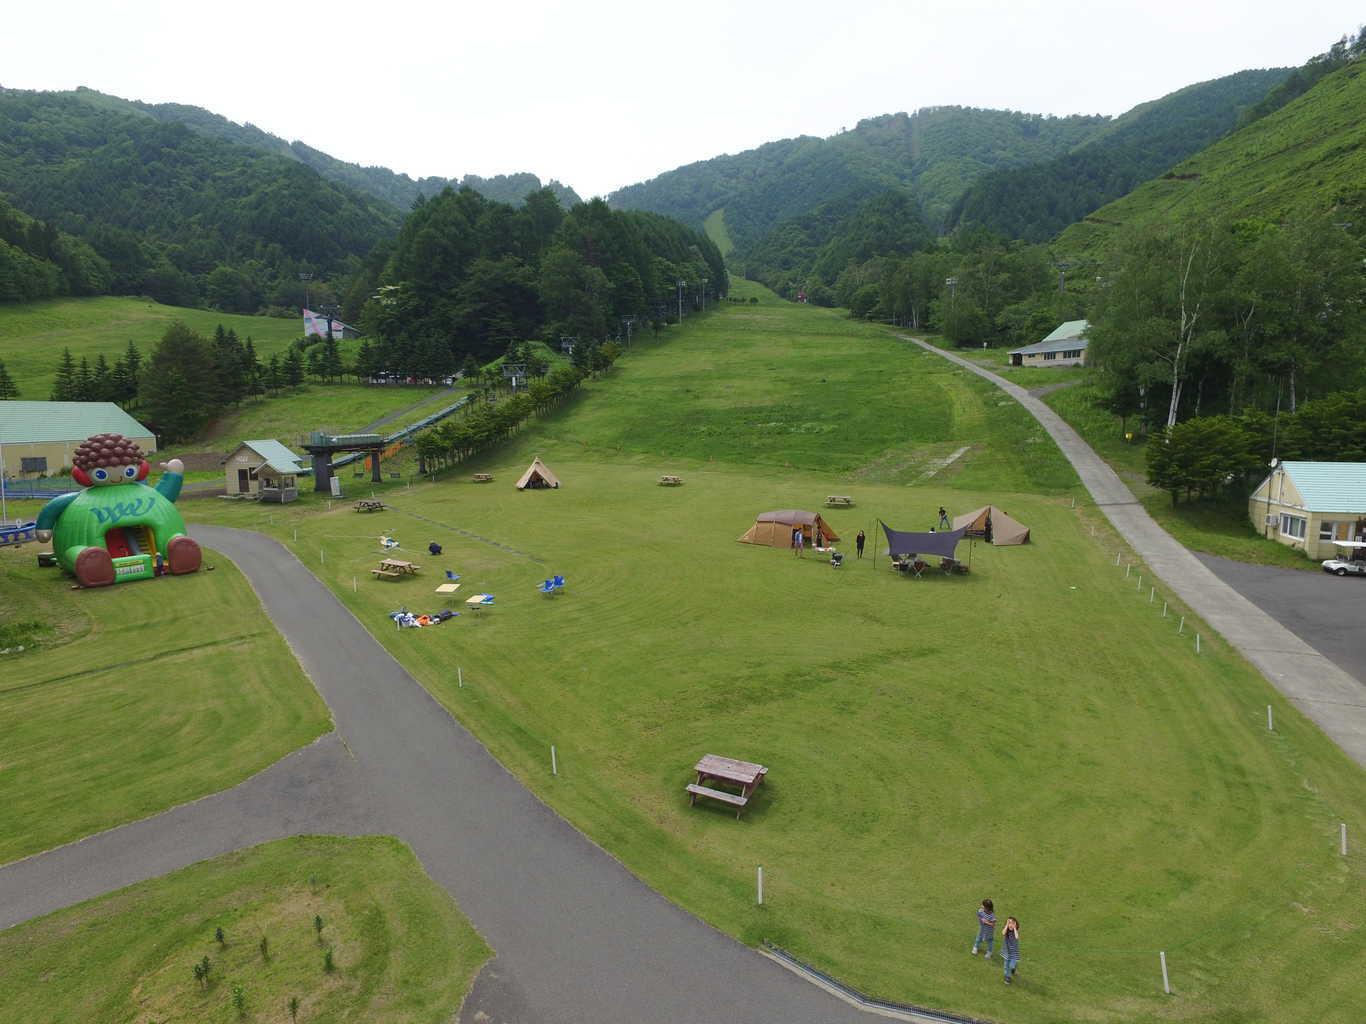 尾瀬いわくらキャンプ場、夏季限定キャンプ場、オートキャンプ場